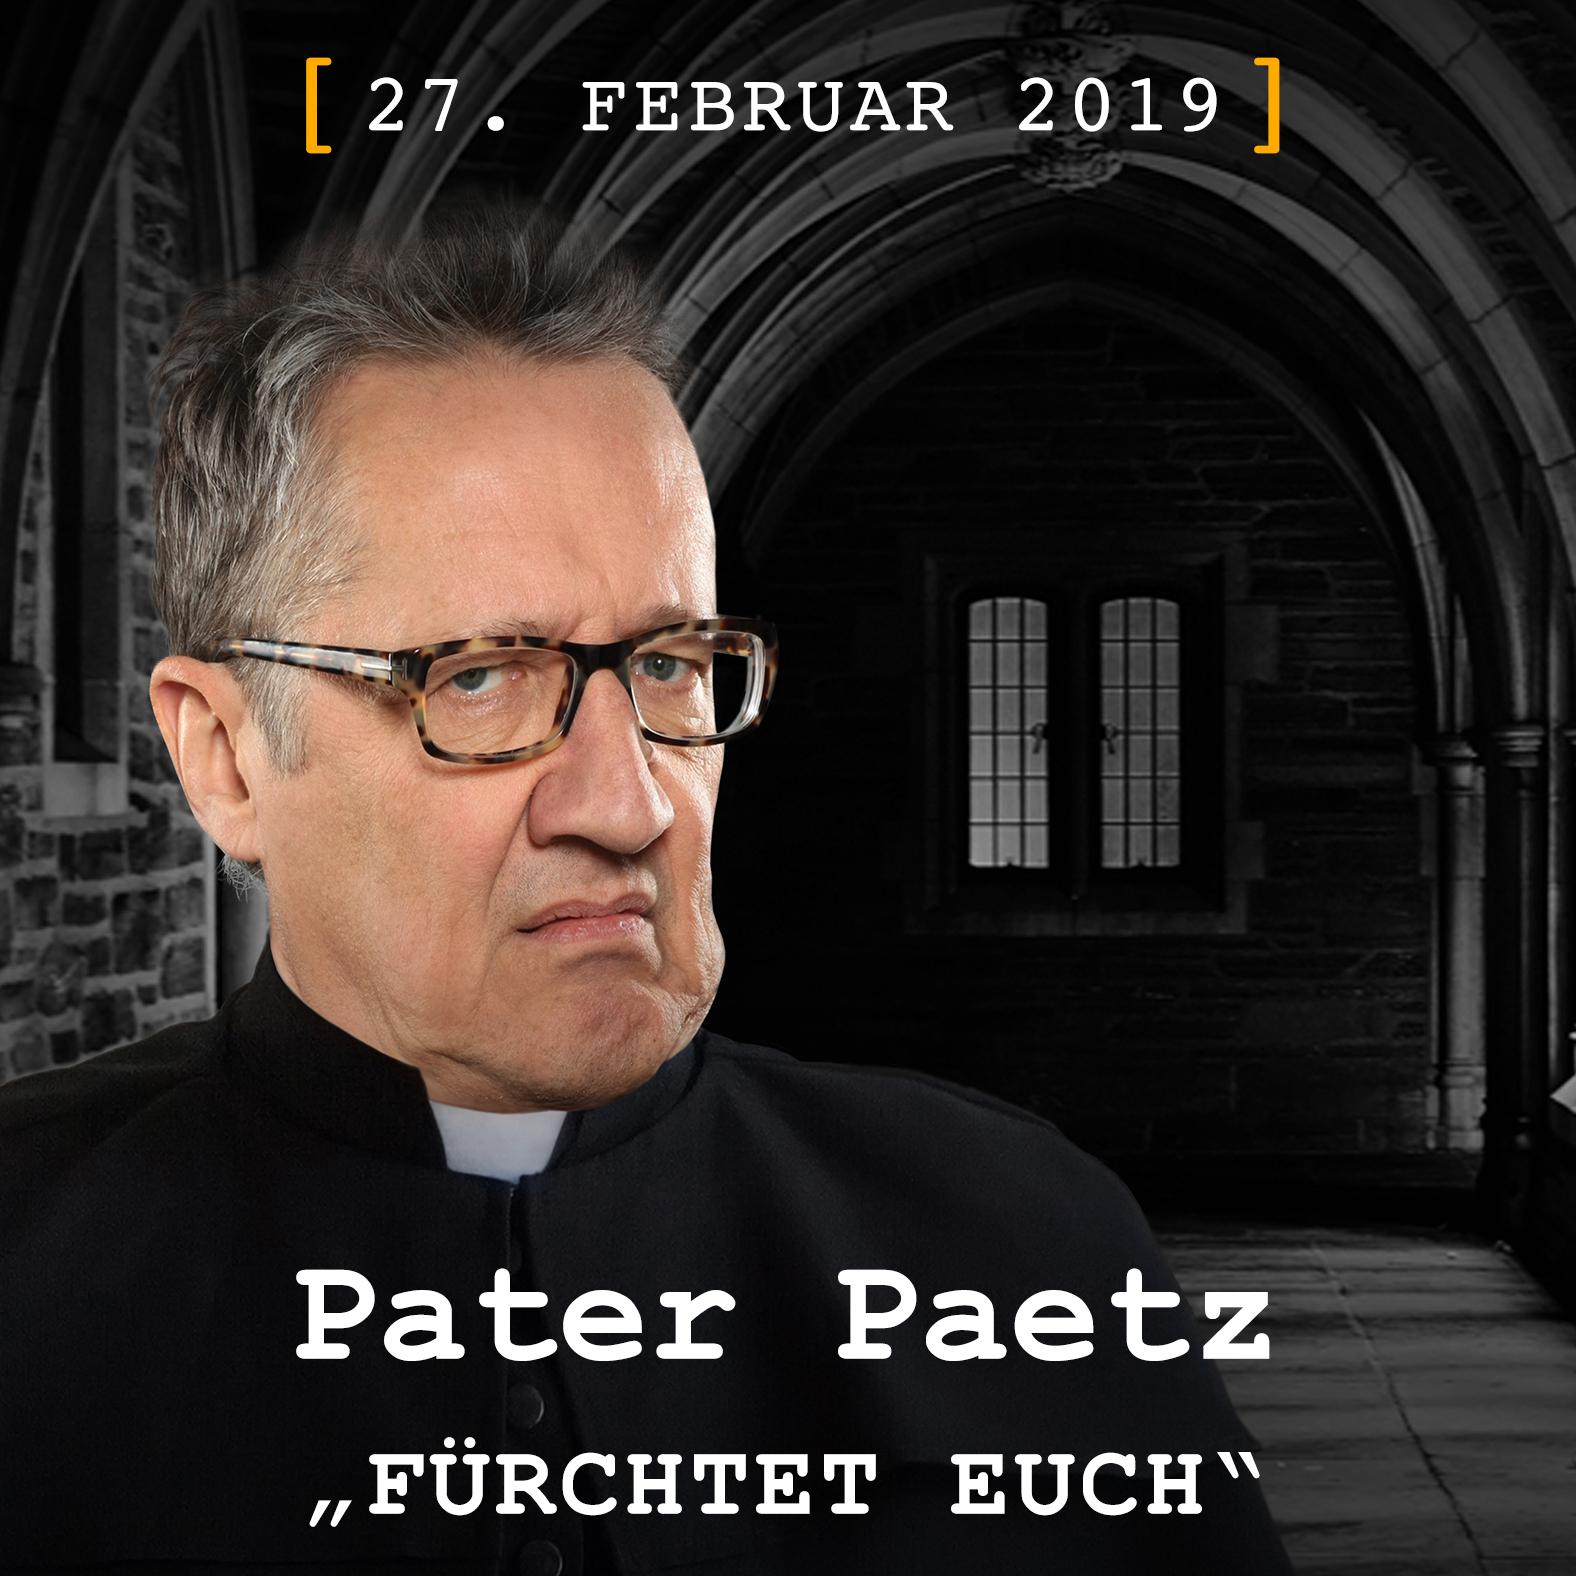 vorschau_pater-paetz